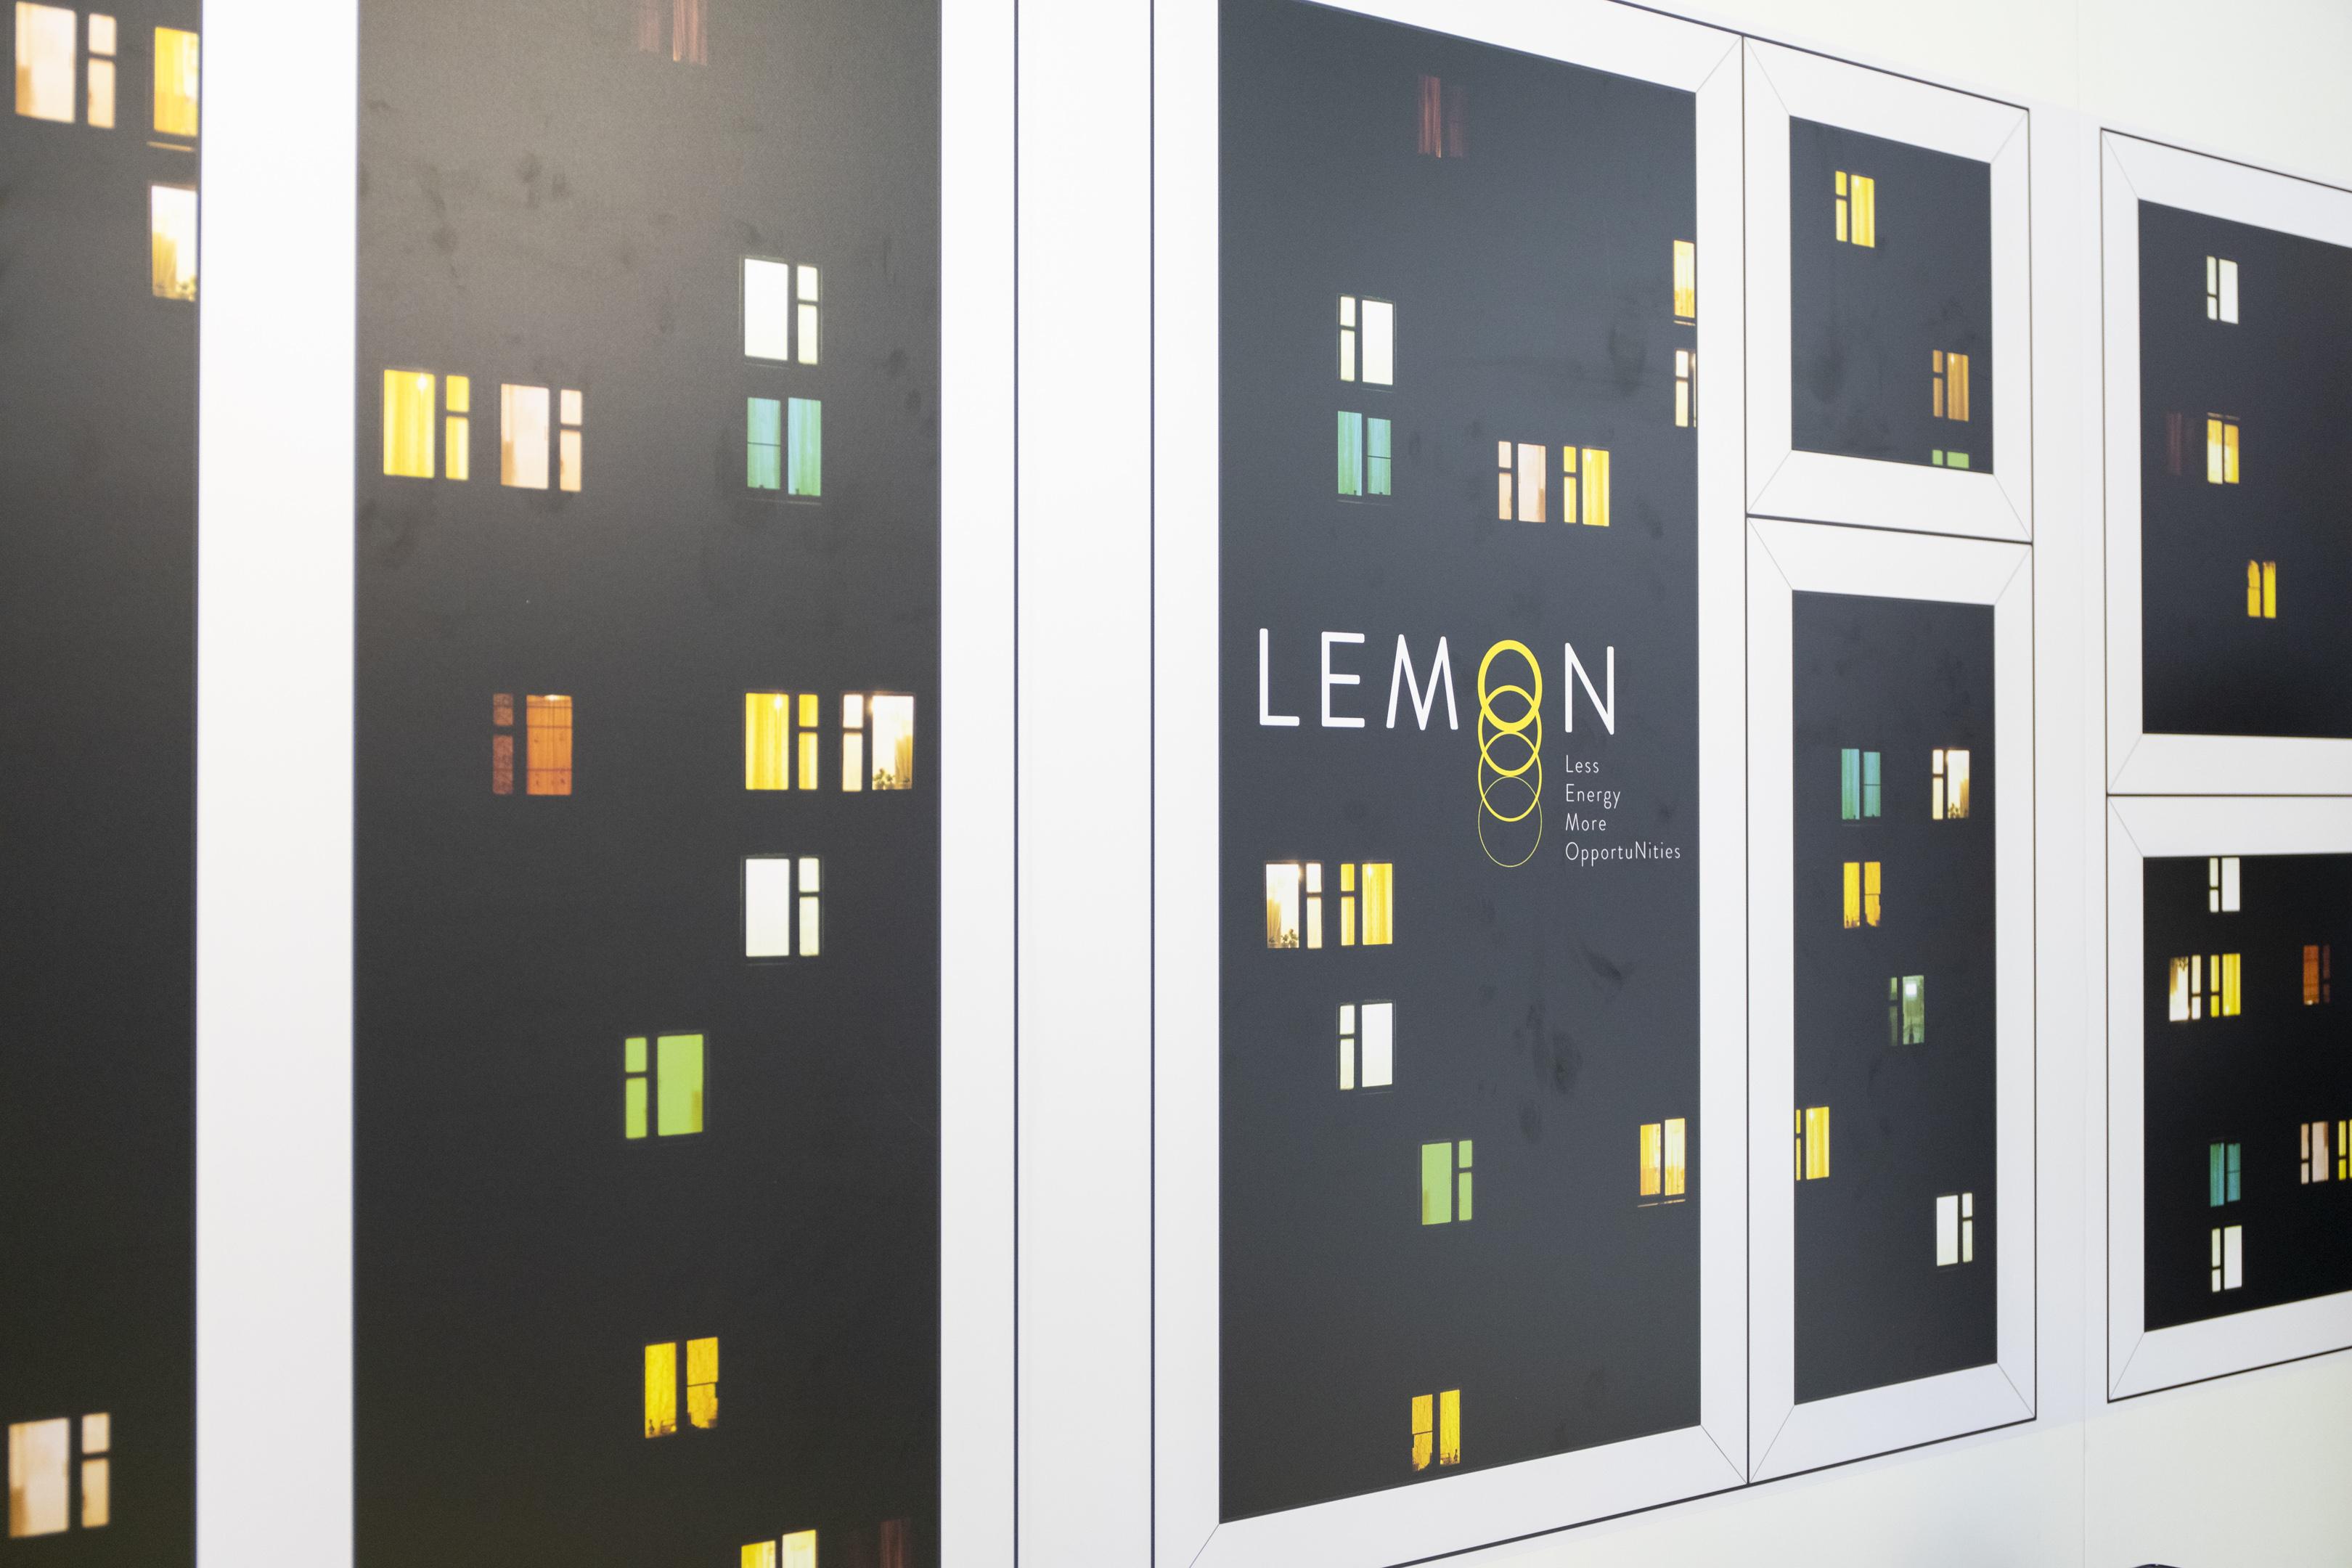 Labidee_Lemon_2019-11-05_D4_3328_©AndreaRanzi_web